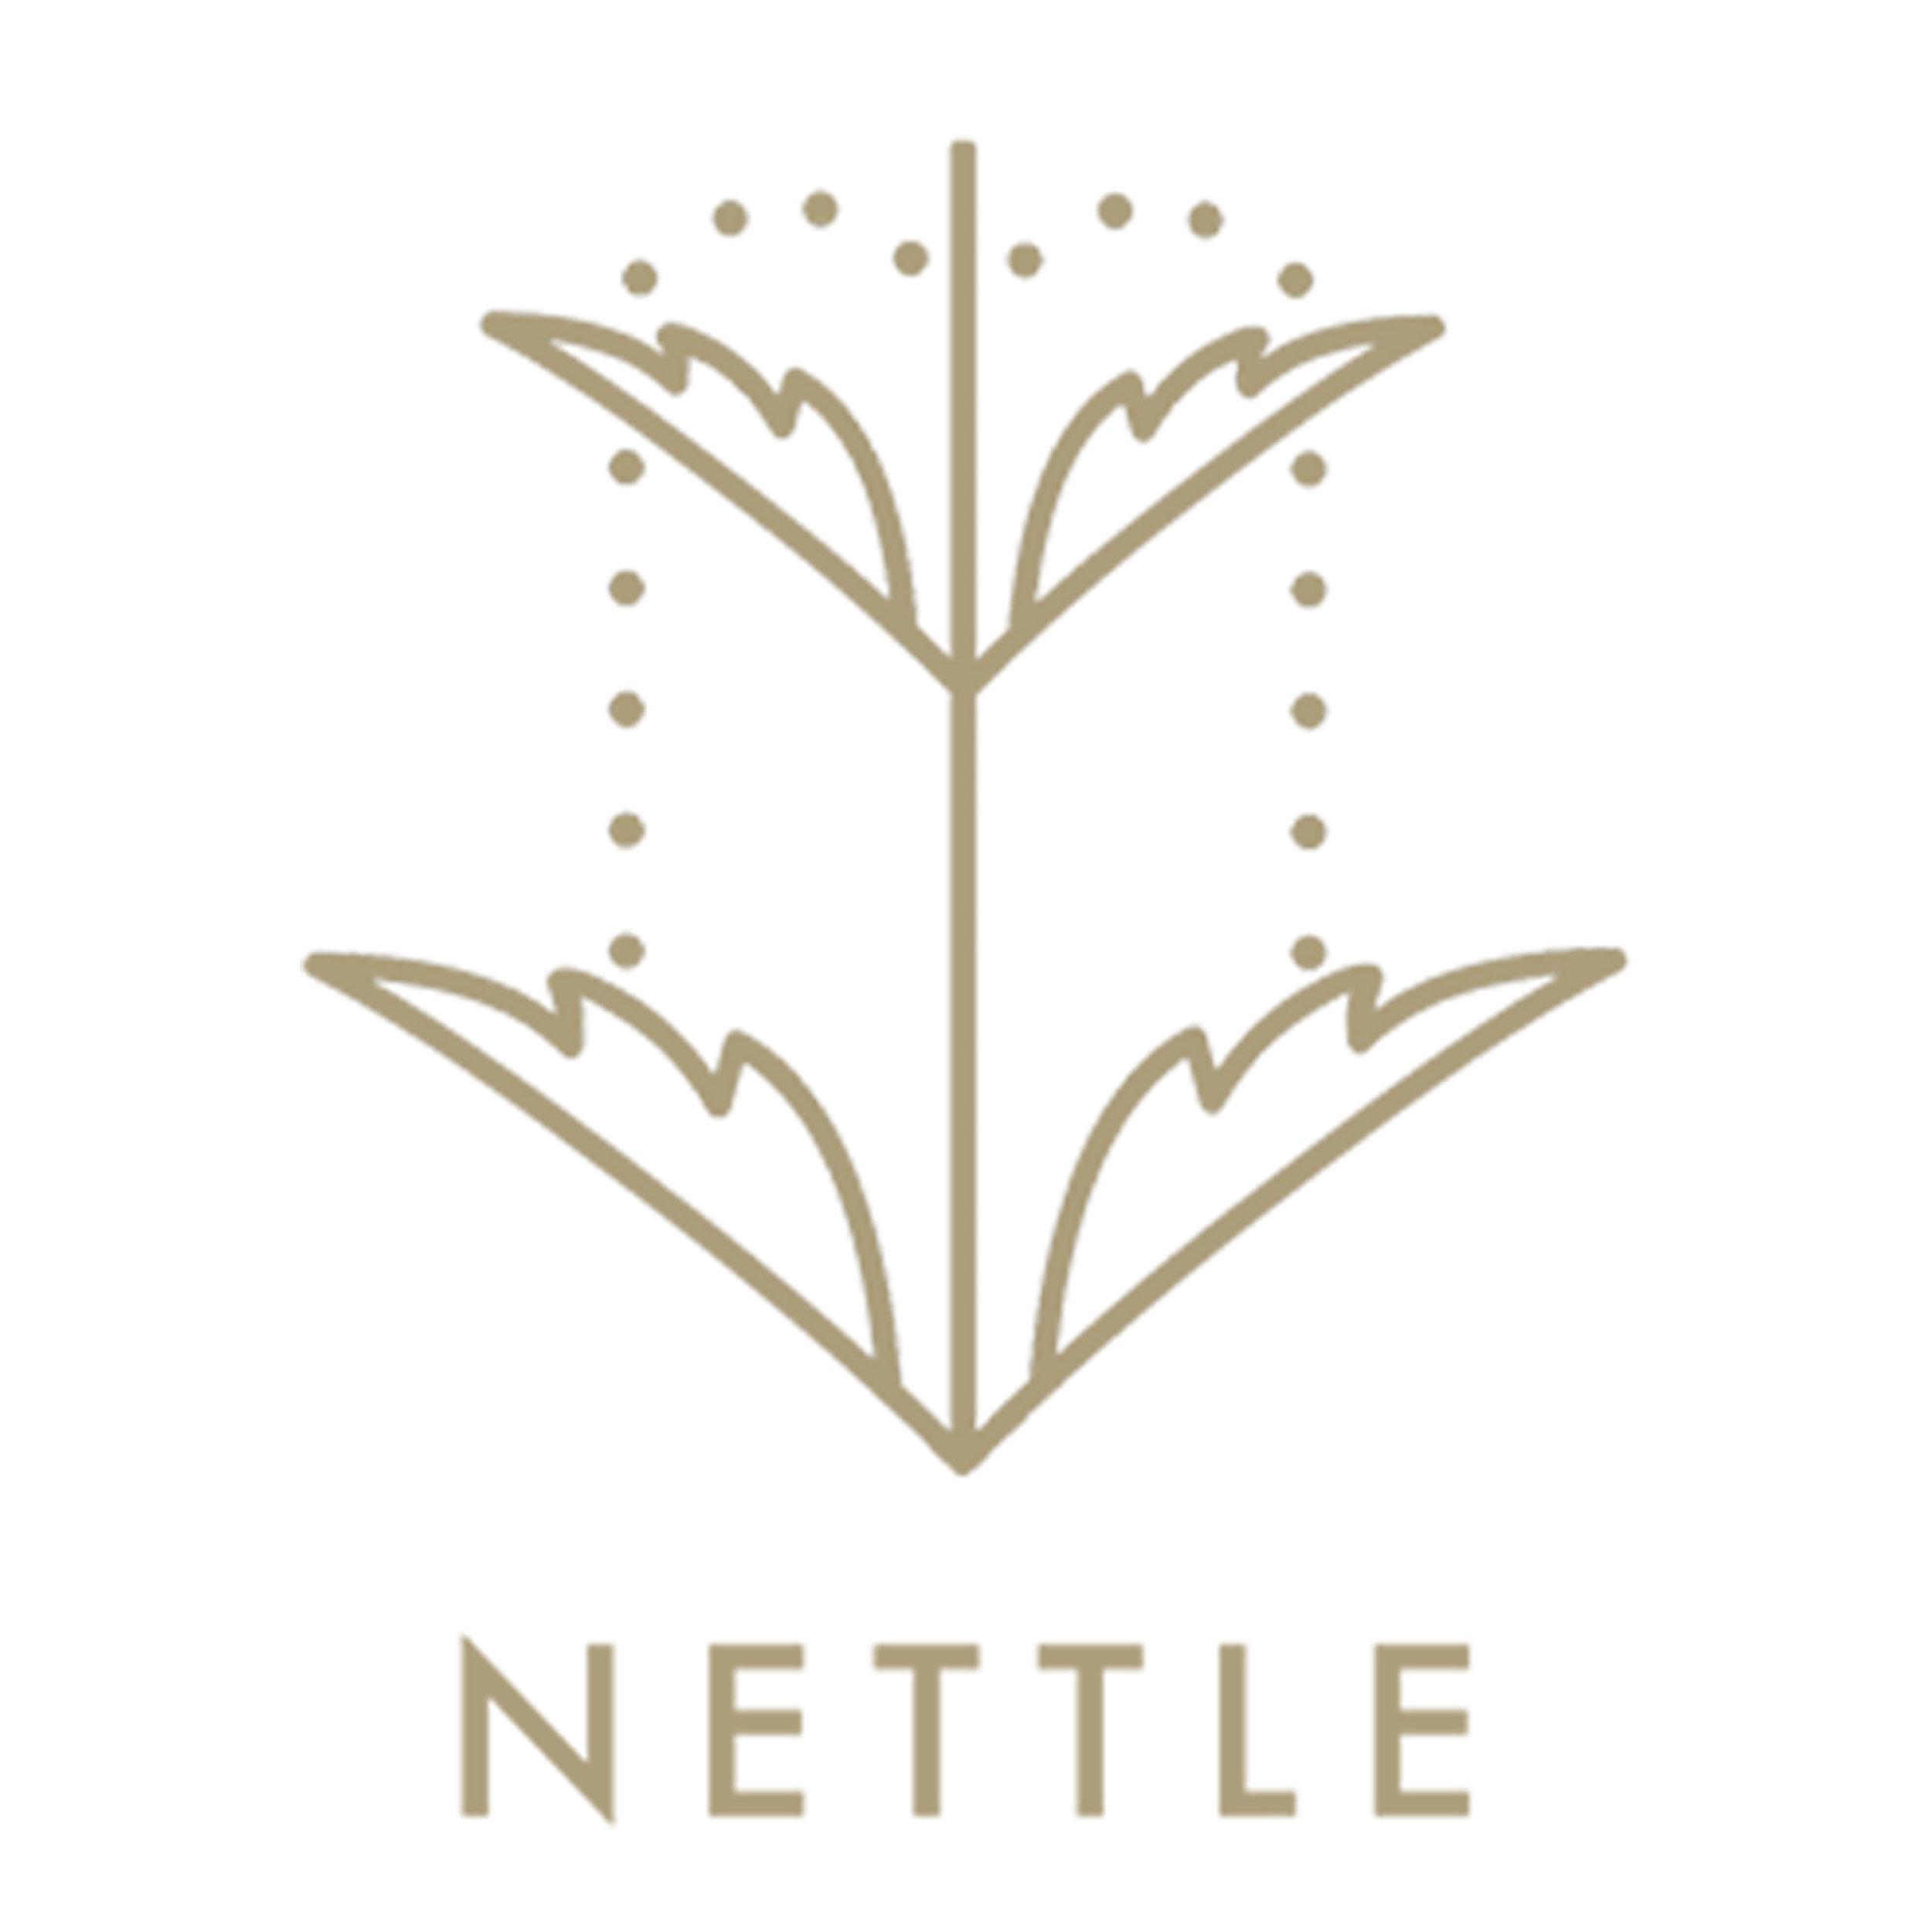 nettle.jpg